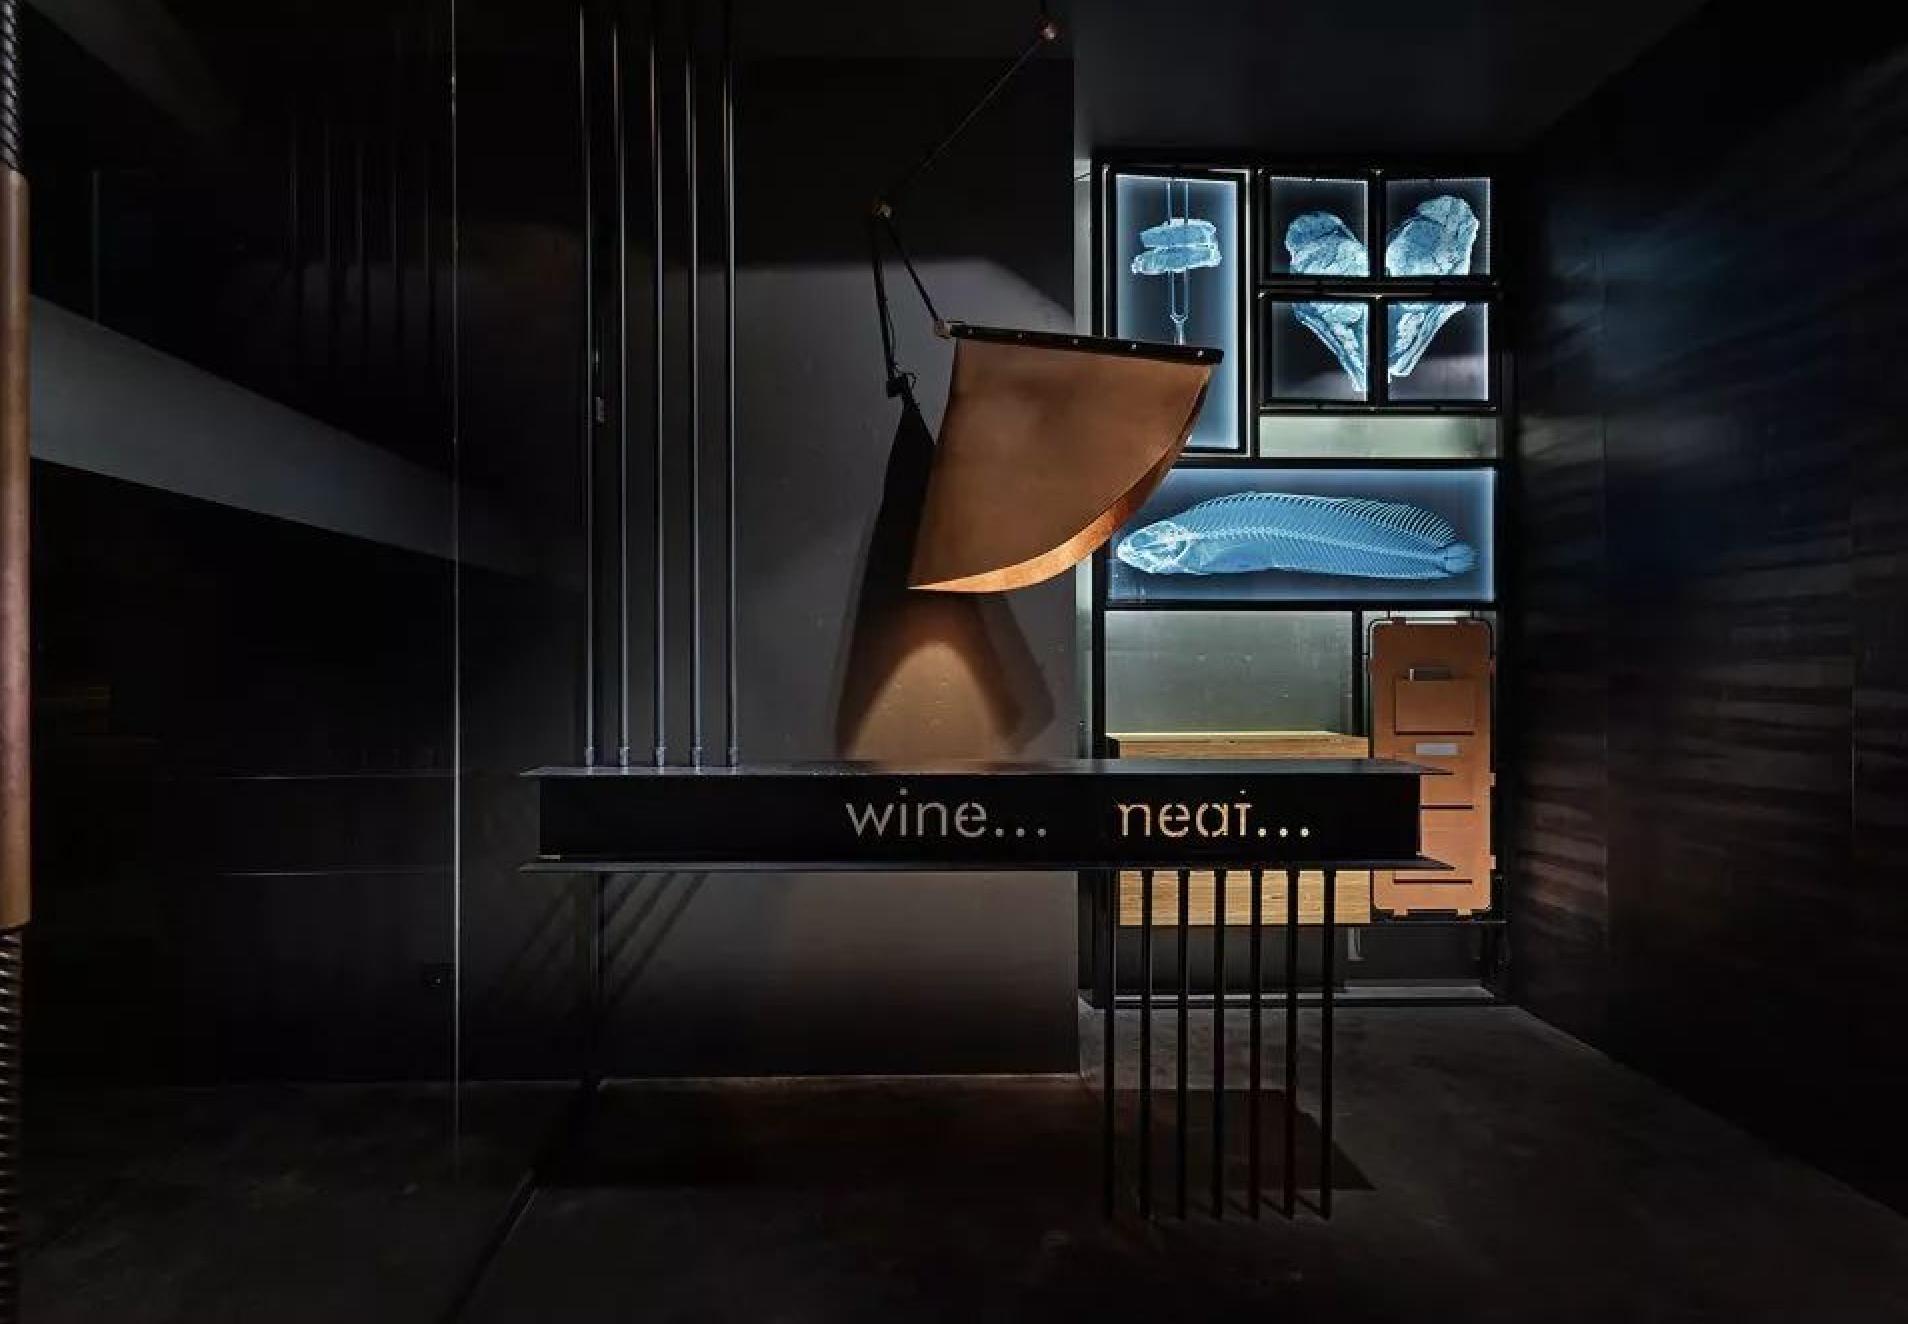 酒吧商业空间设计-INS199643dd66e456548bd3552b2d4b7799d64c